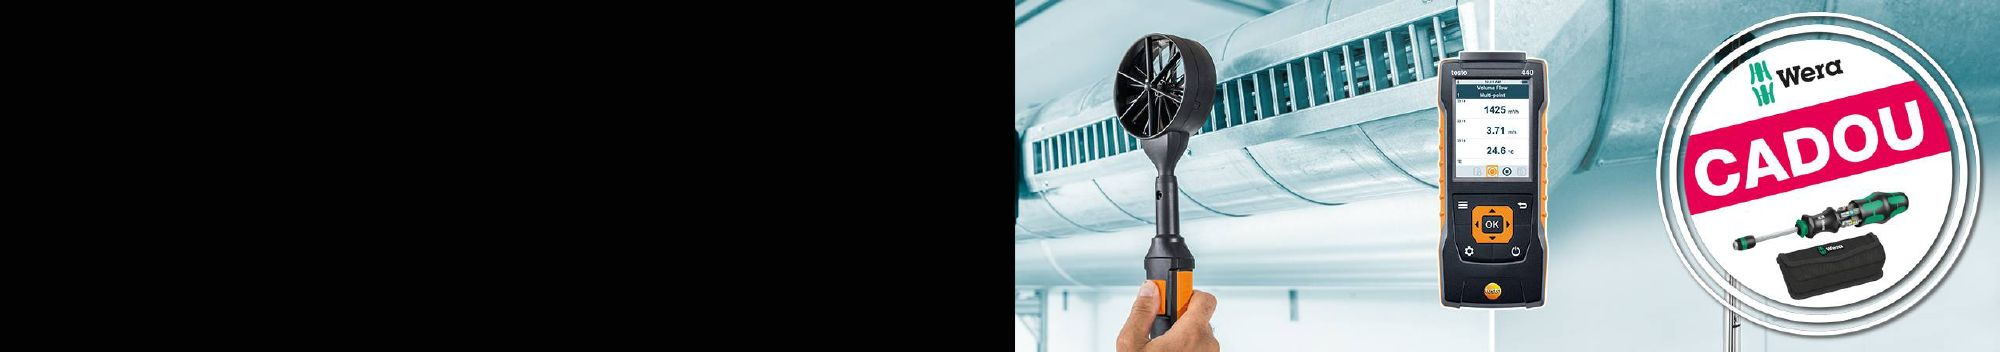 Măsurarea vitezei aerului.<br /> <strong>Simplu și rapid.</strong>